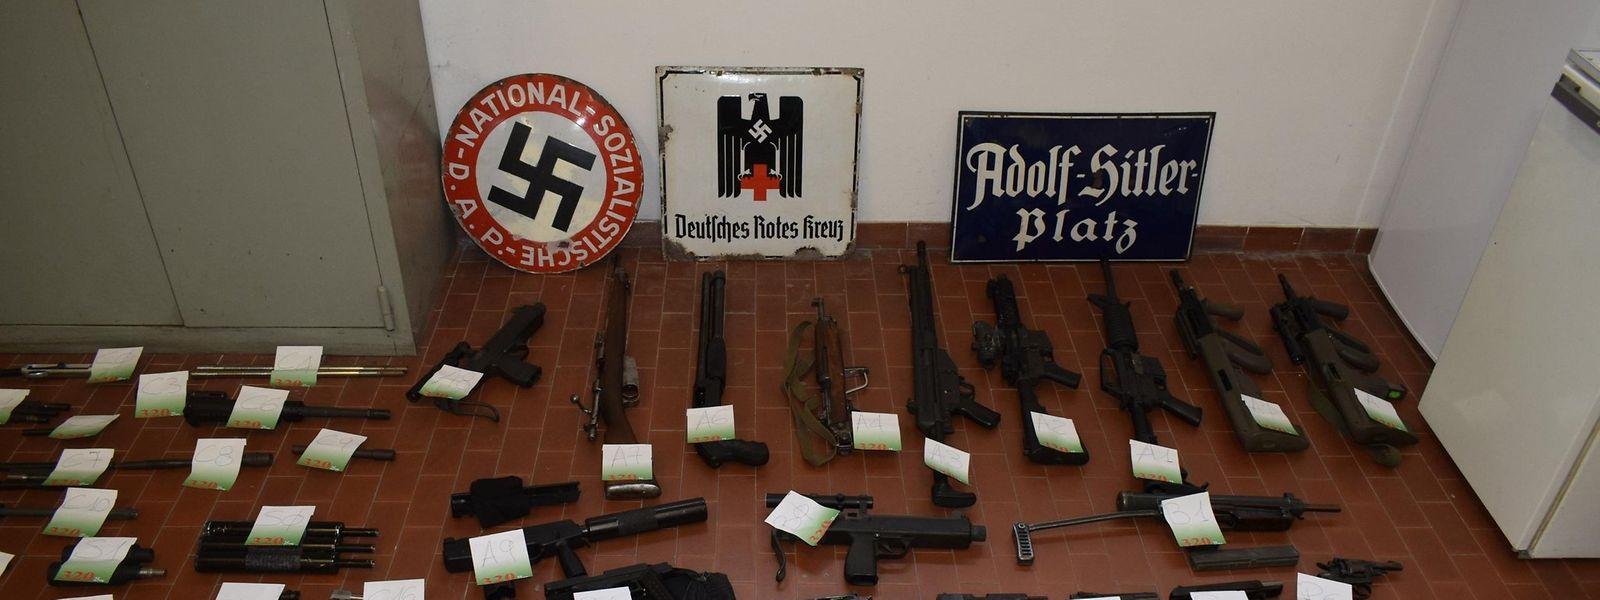 Ein Teil der sichergestellten Waffen und Waffenkomponenten.